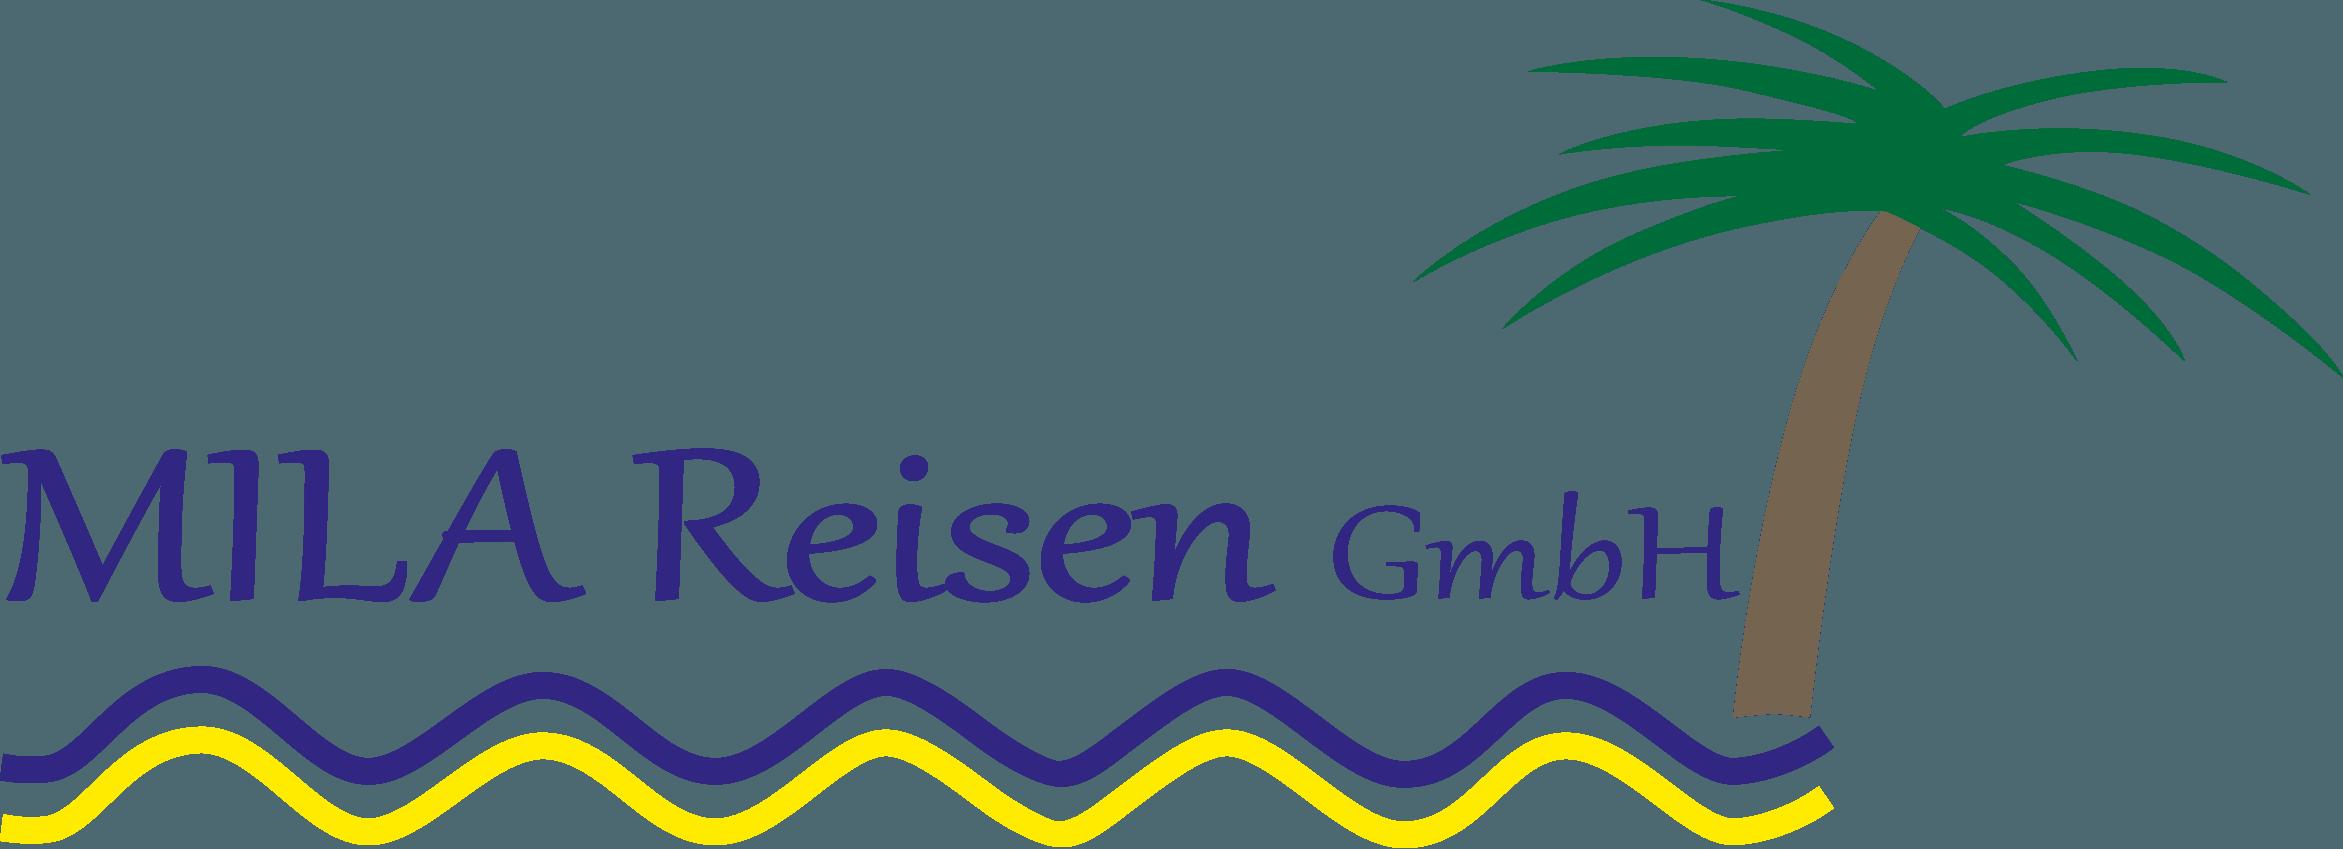 Mila Reisen GmbH